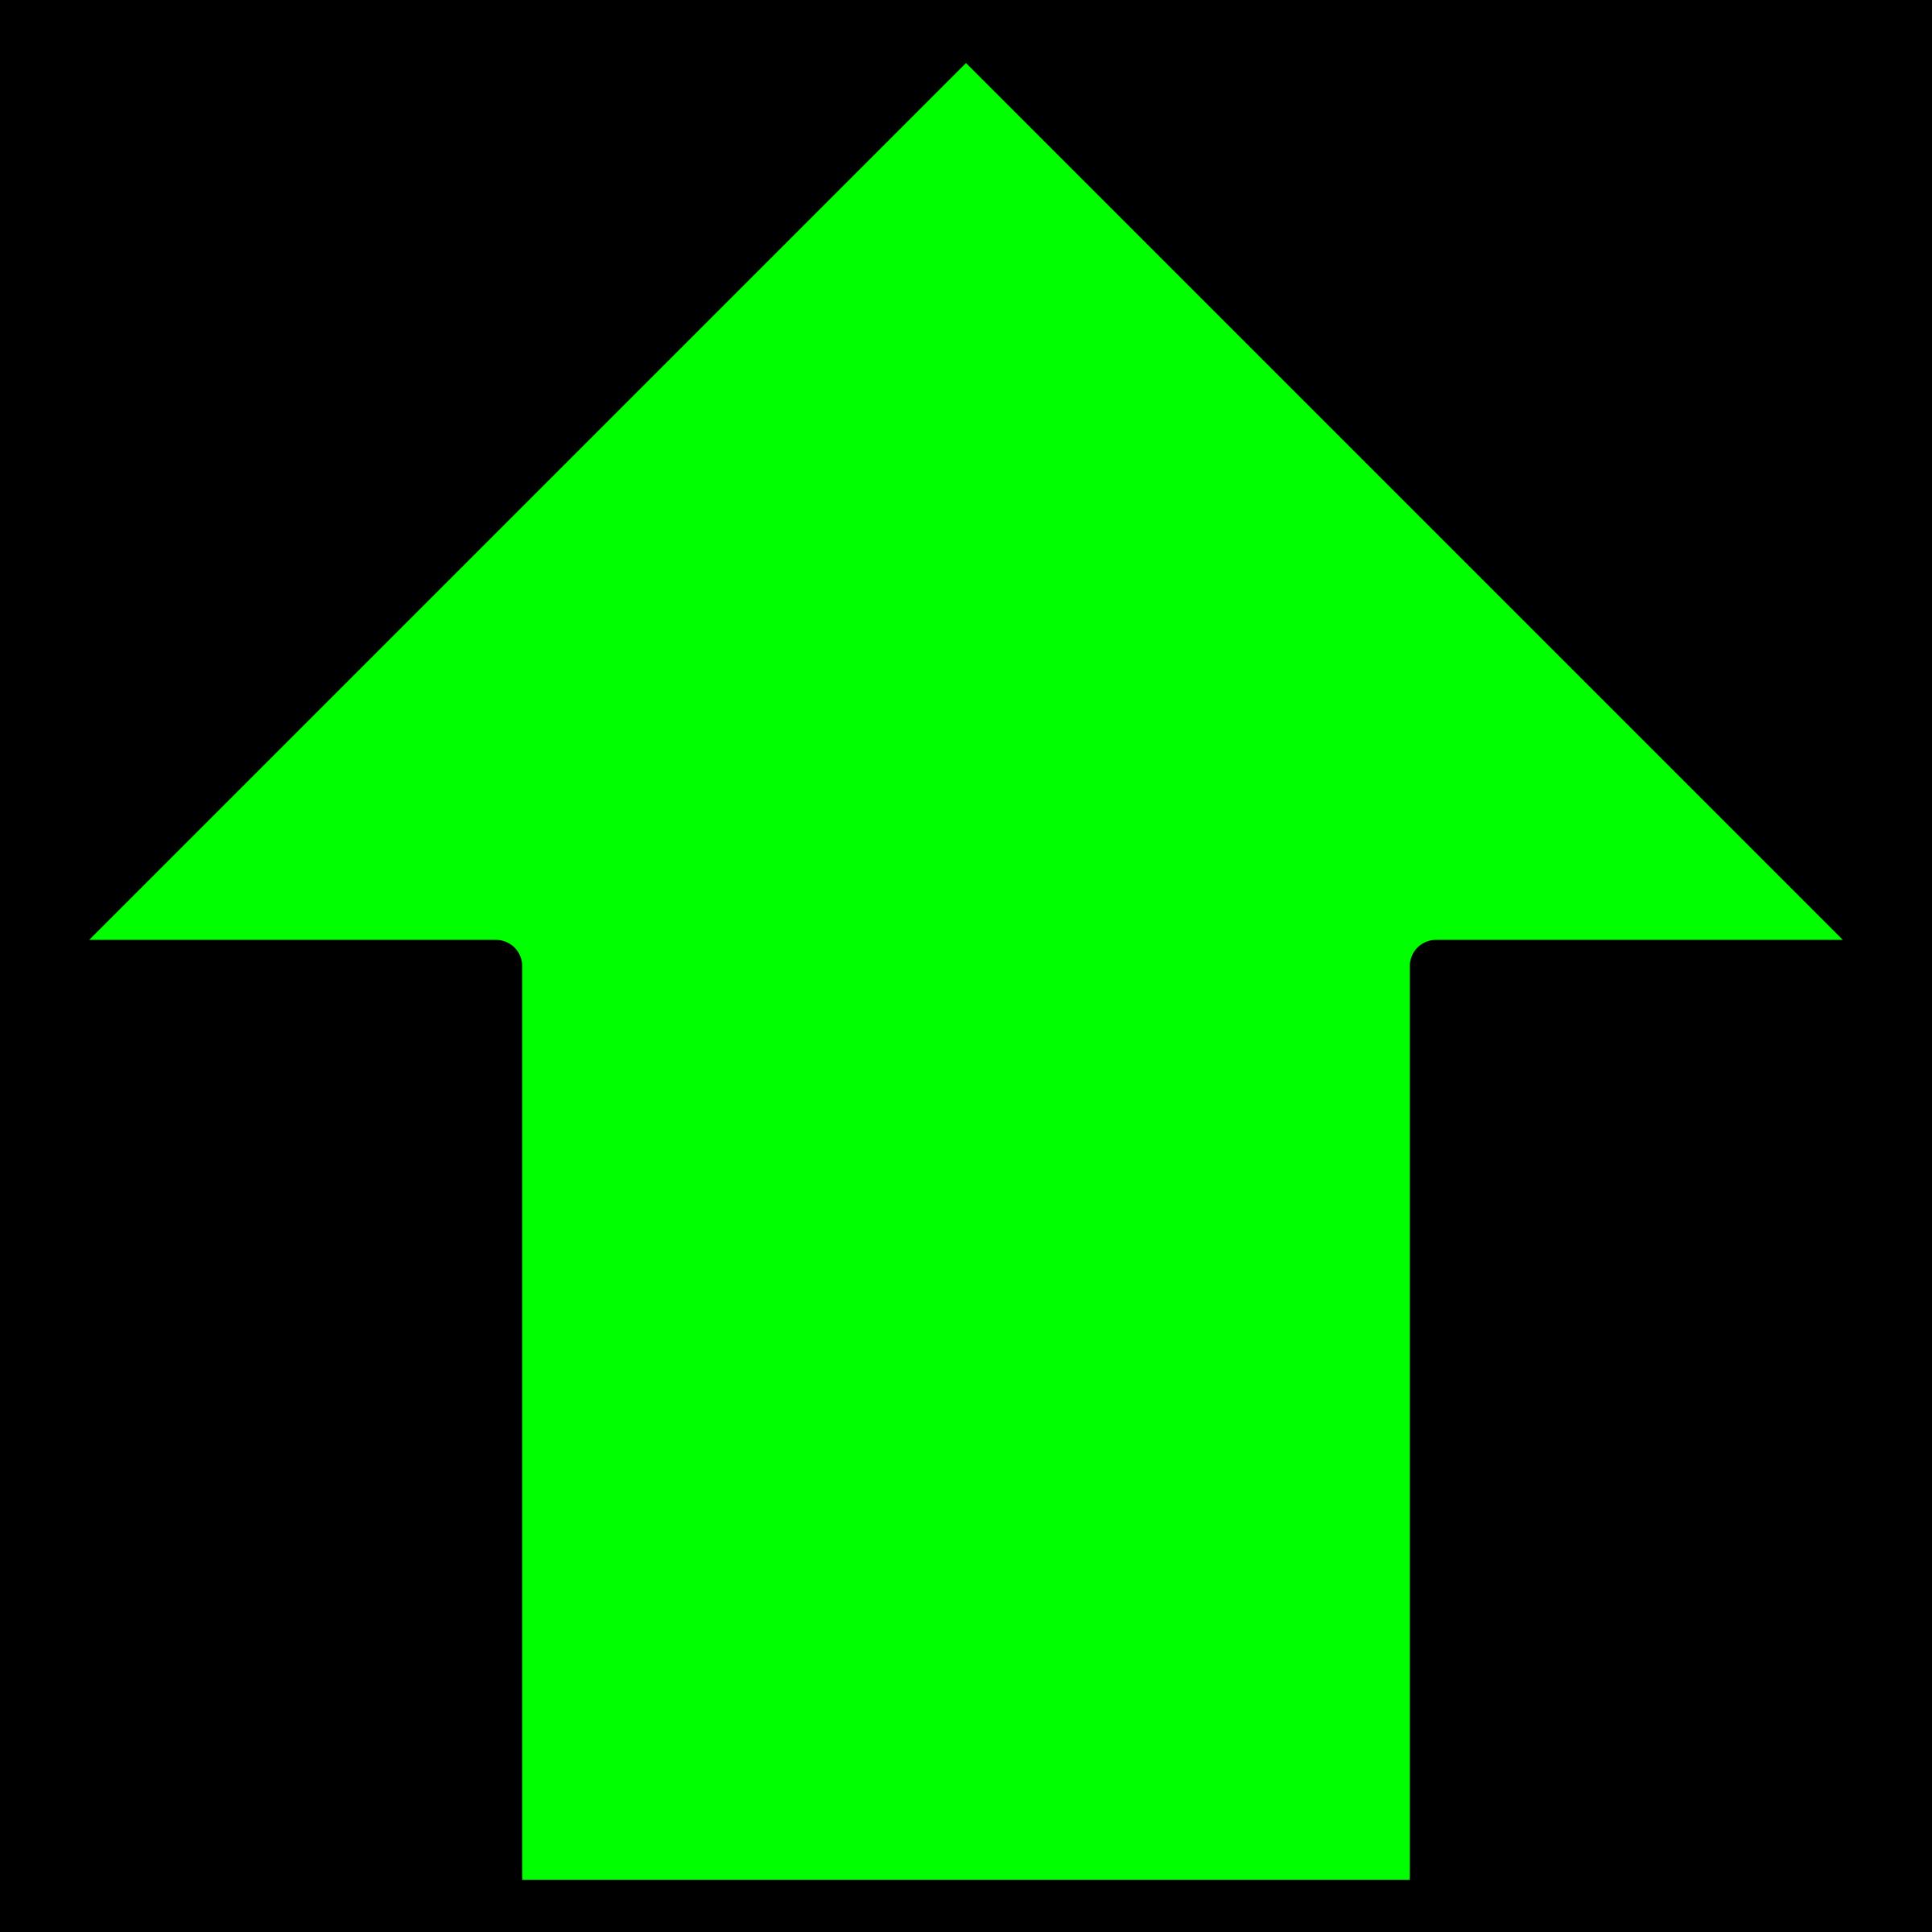 Green big image png. Up clipart arrow